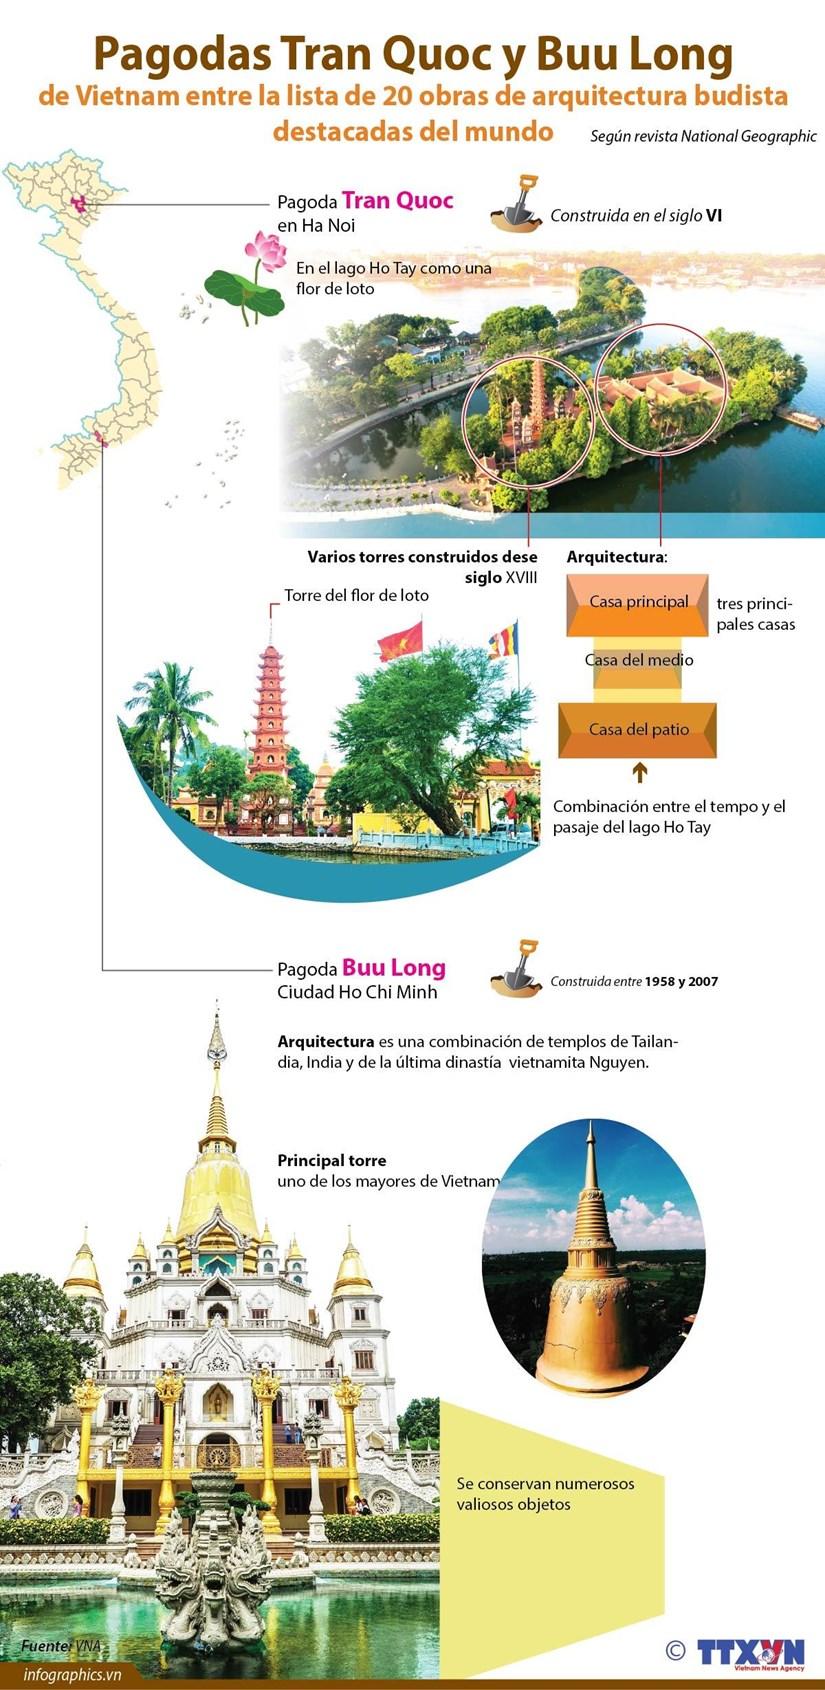 [Info] Pagodas Tran Quoc y Buu Long de Vietnam entre la lista de 20 obras de arquitectura budista destacadas del mundo hinh anh 1